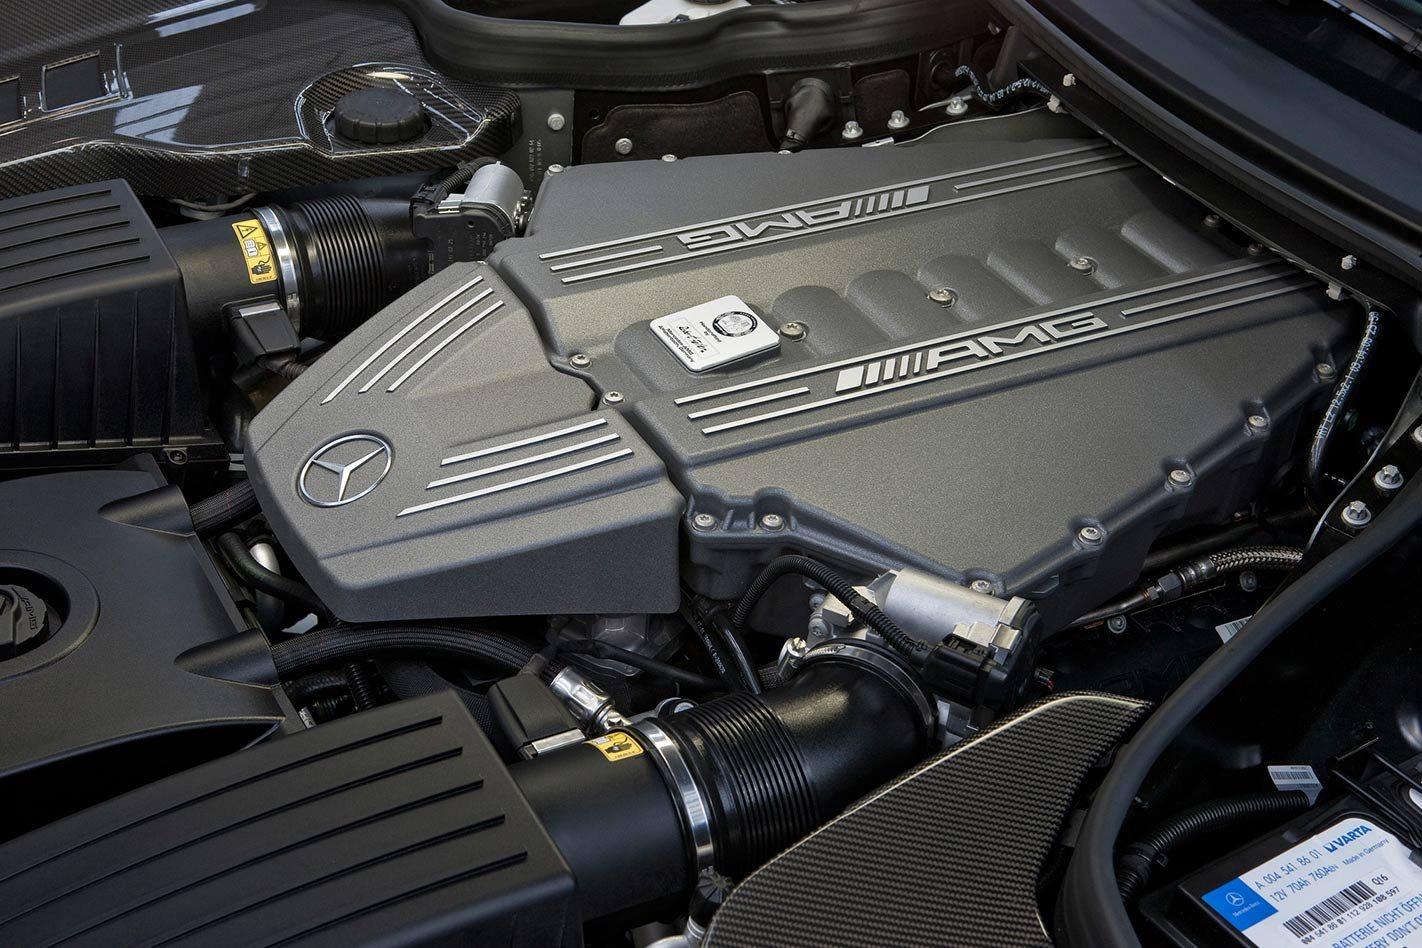 Mercedes-Benz AMG SLS engine